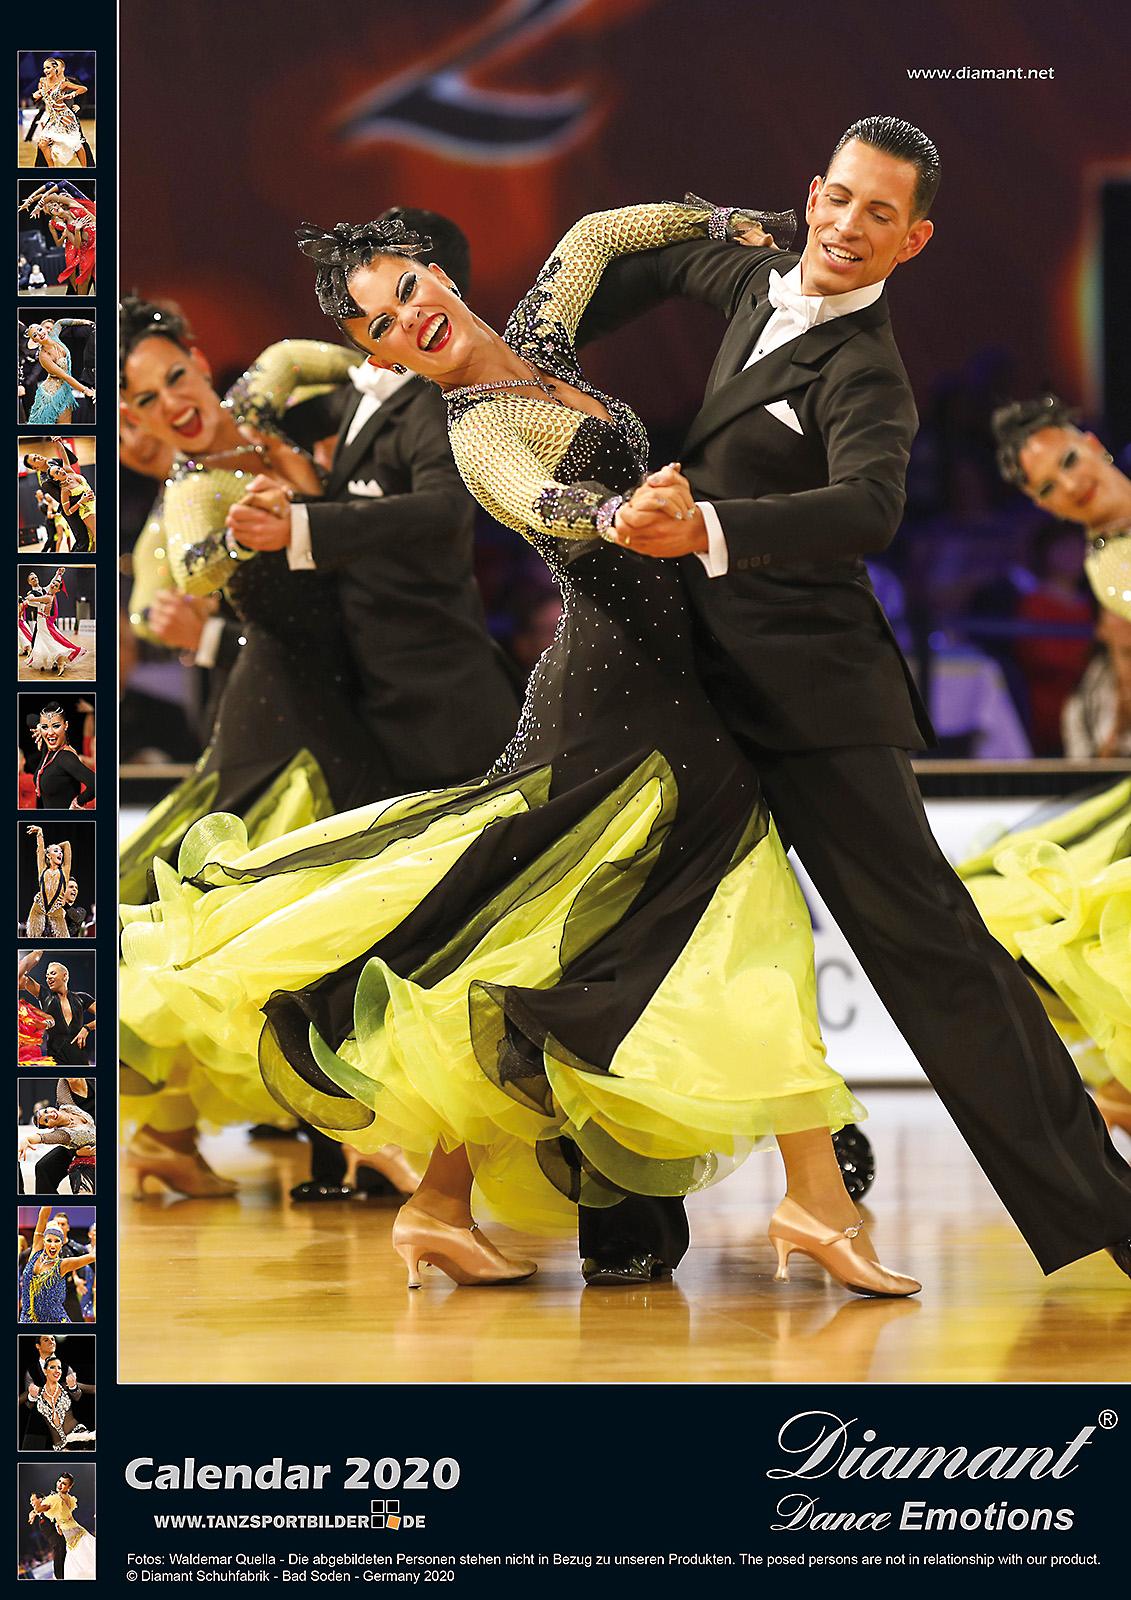 Tanzsportkalender 2020